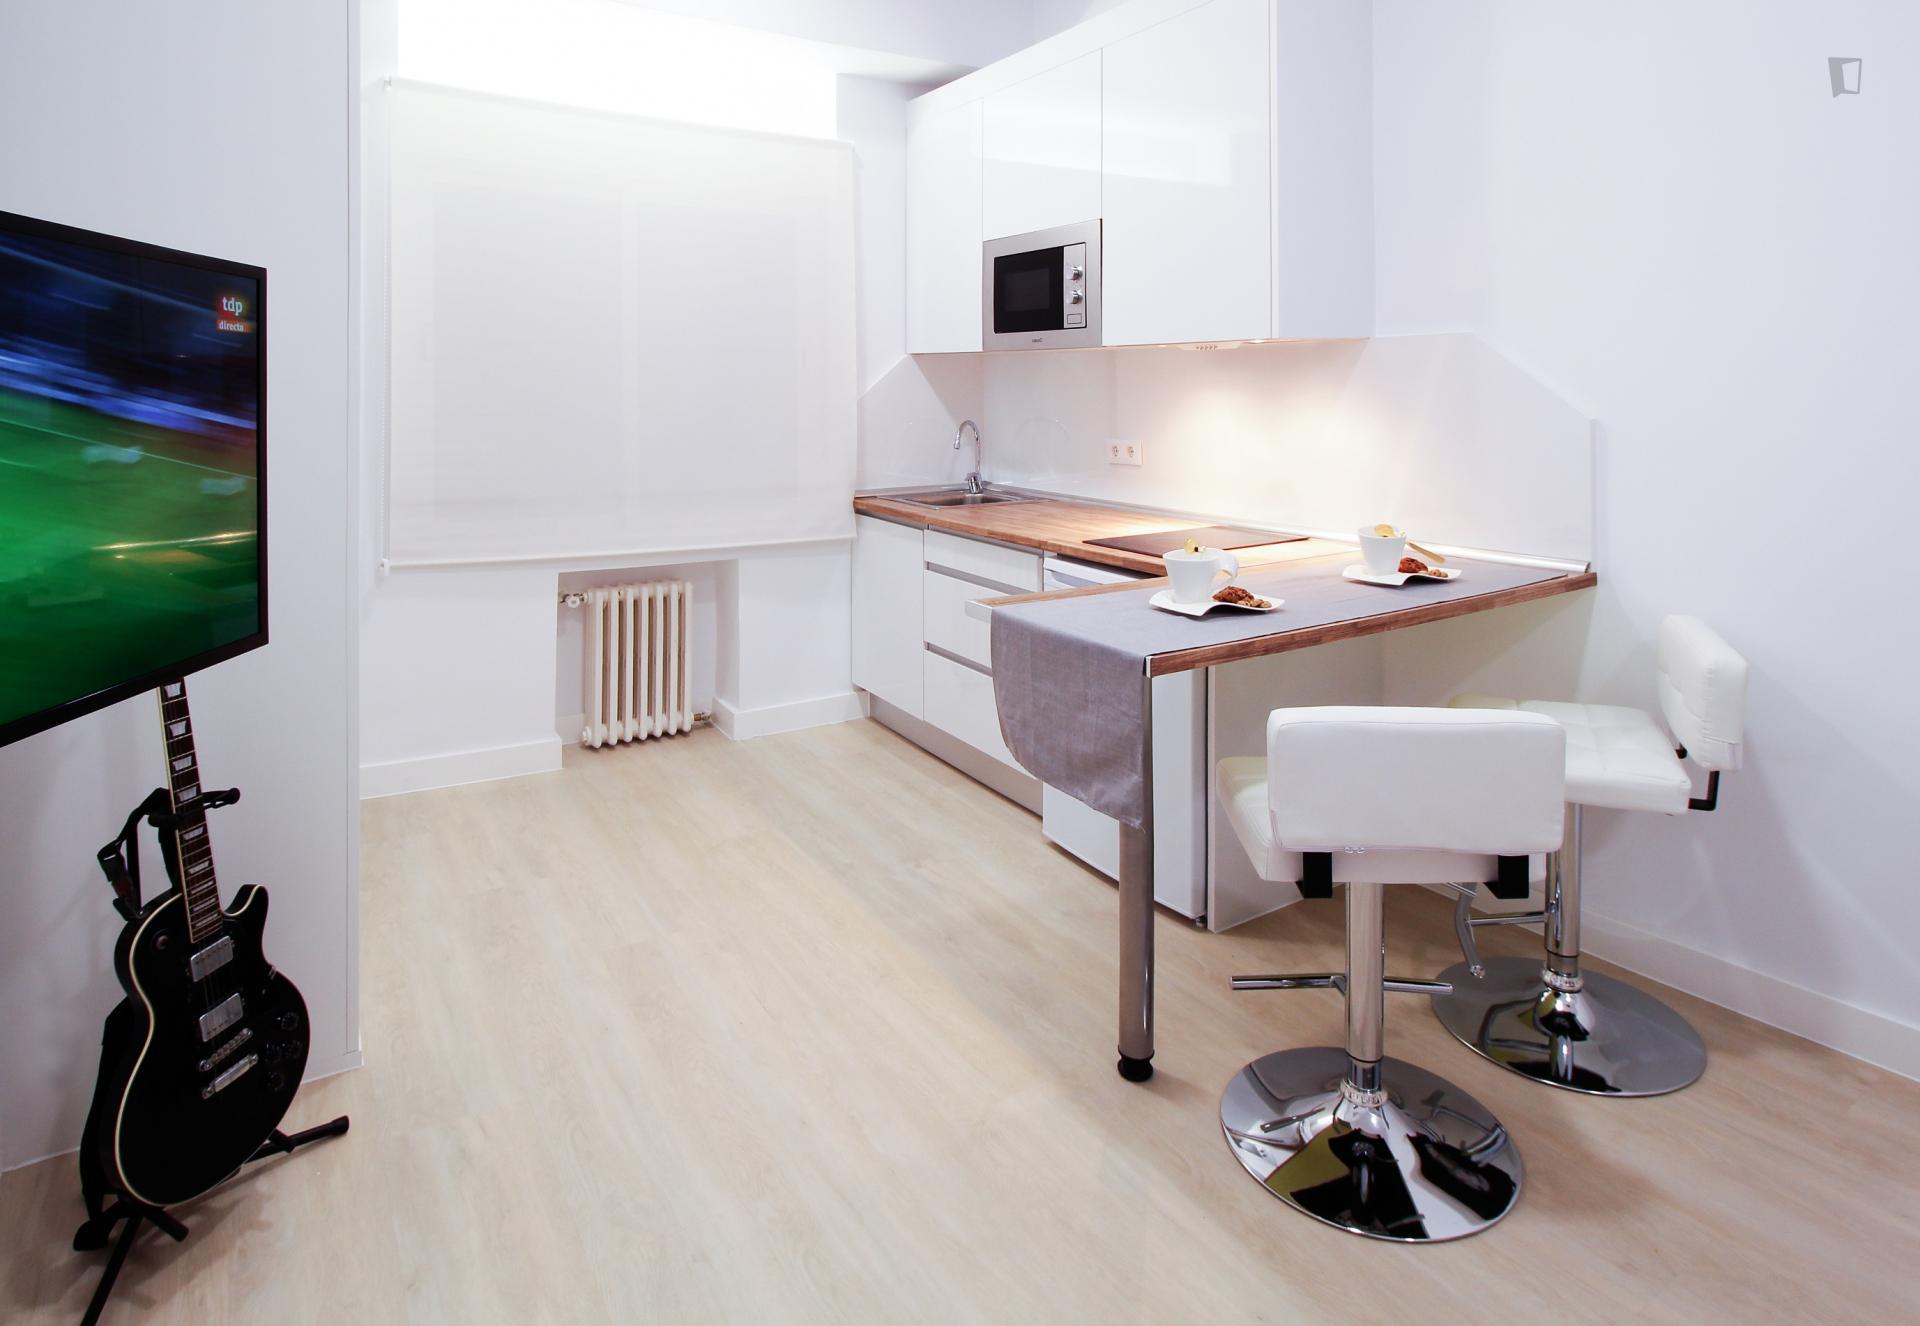 Quevedo - Studio in Madrid